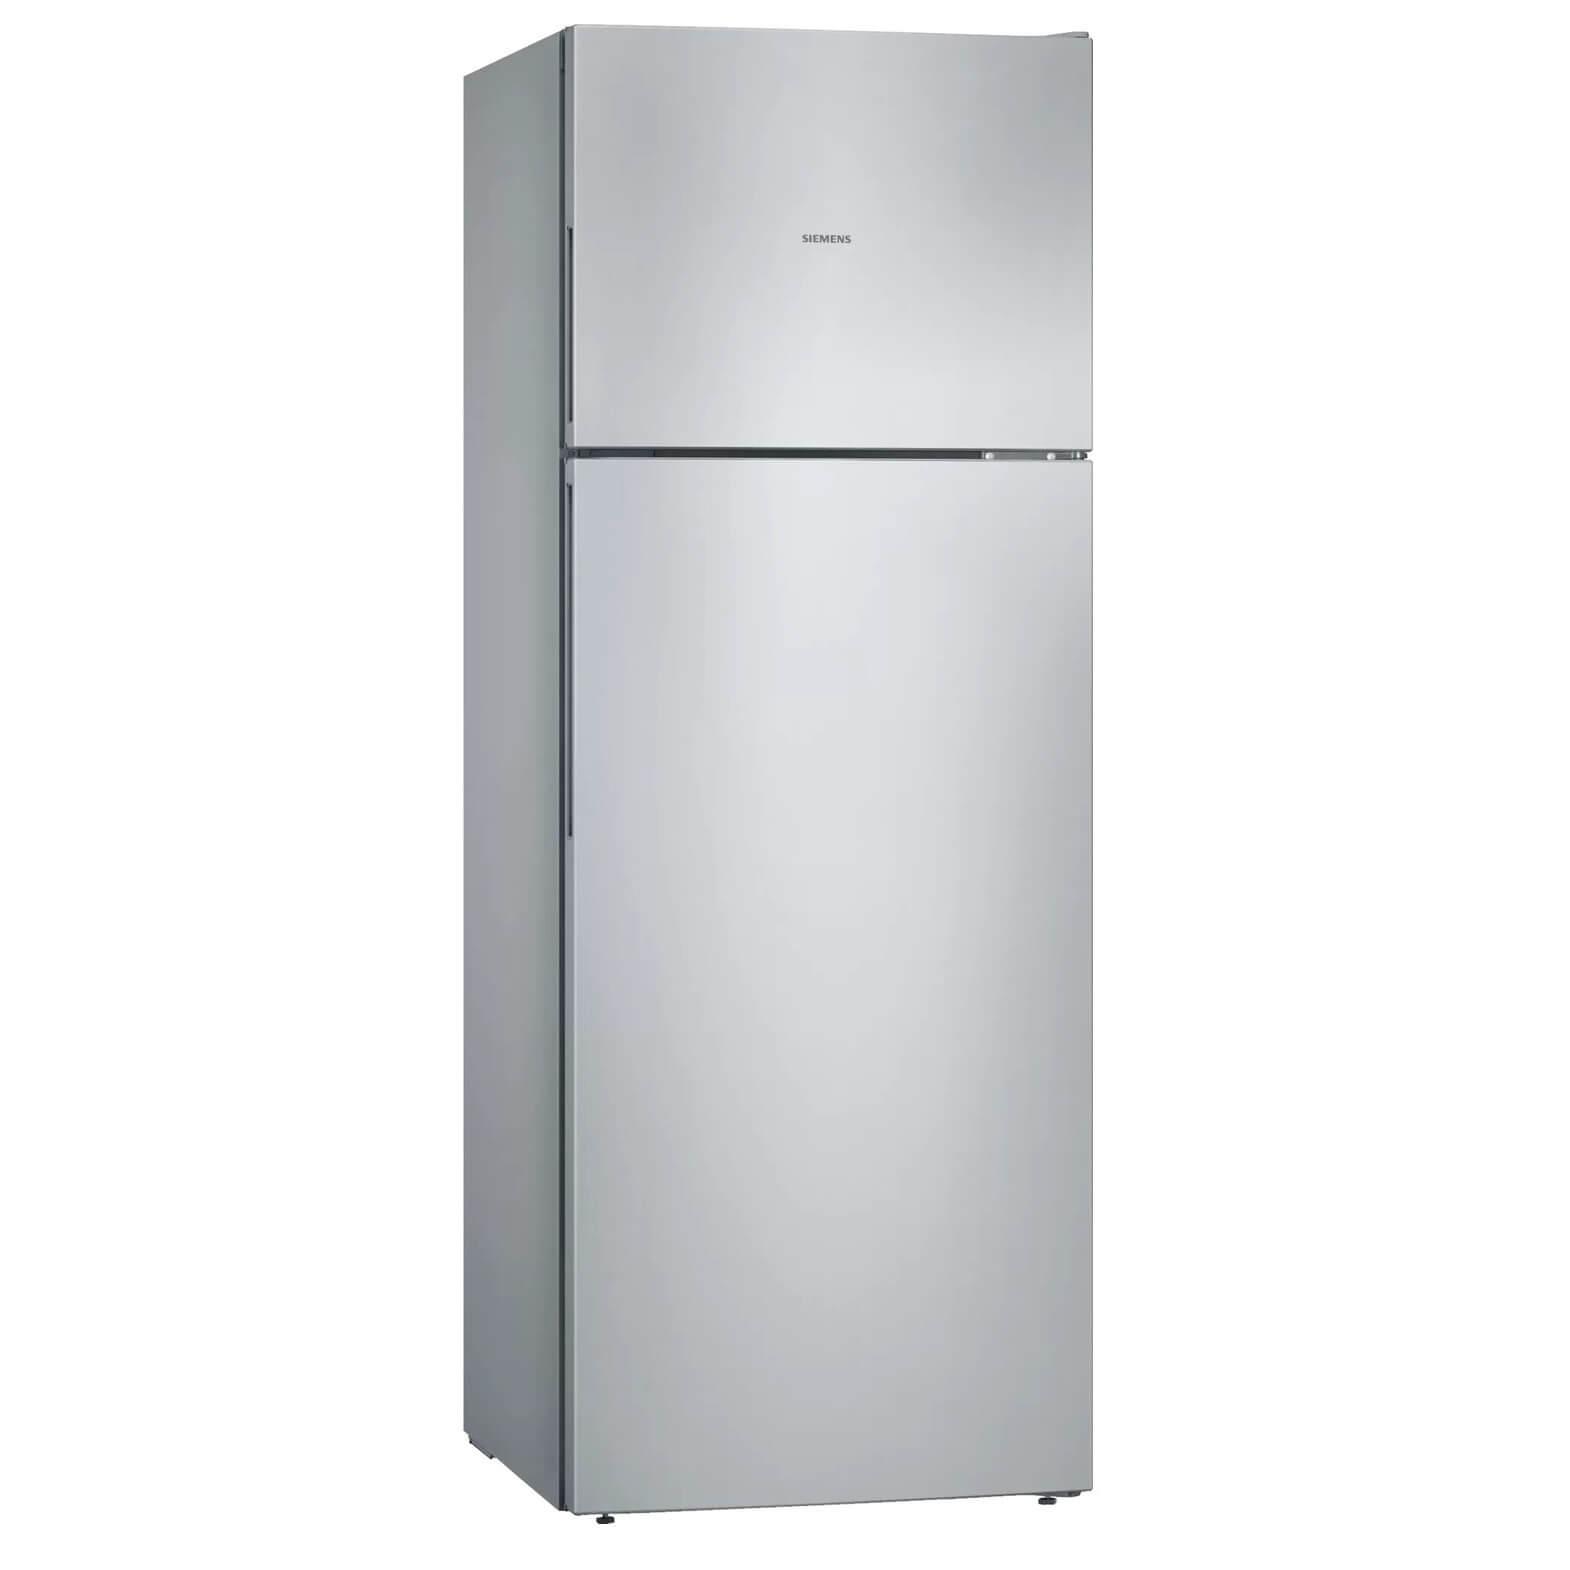 Siemens KD58VVL30N buzdolabi